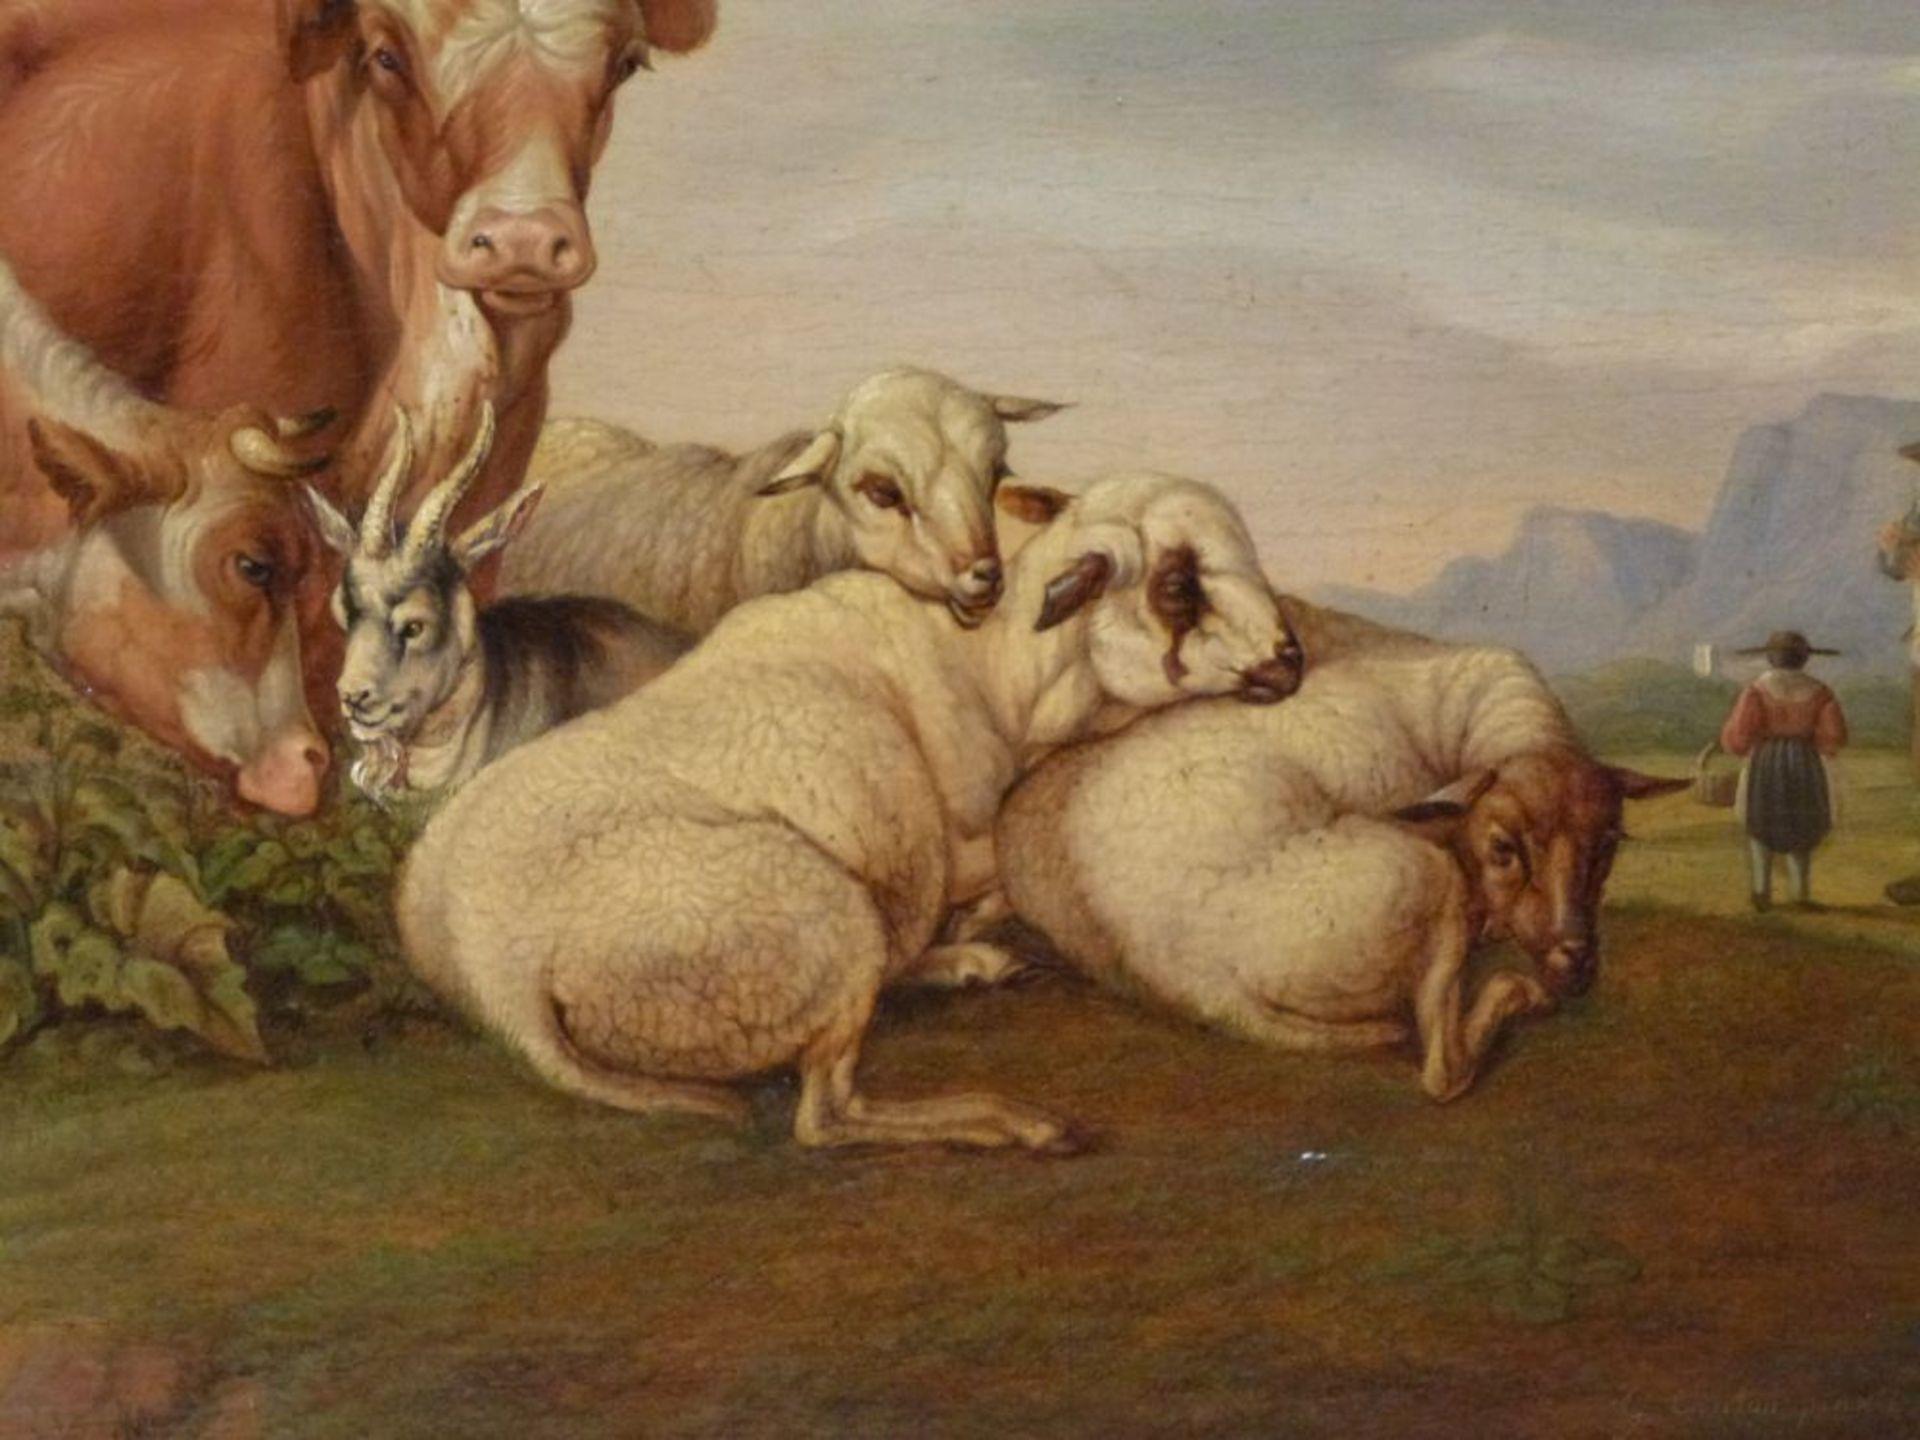 Auf der WeideGustav Jakob Canton, 1813-1885Öl/Eichenplatte, sign. G.Canton pinxit 1833, Kühe, Schafe - Bild 3 aus 7